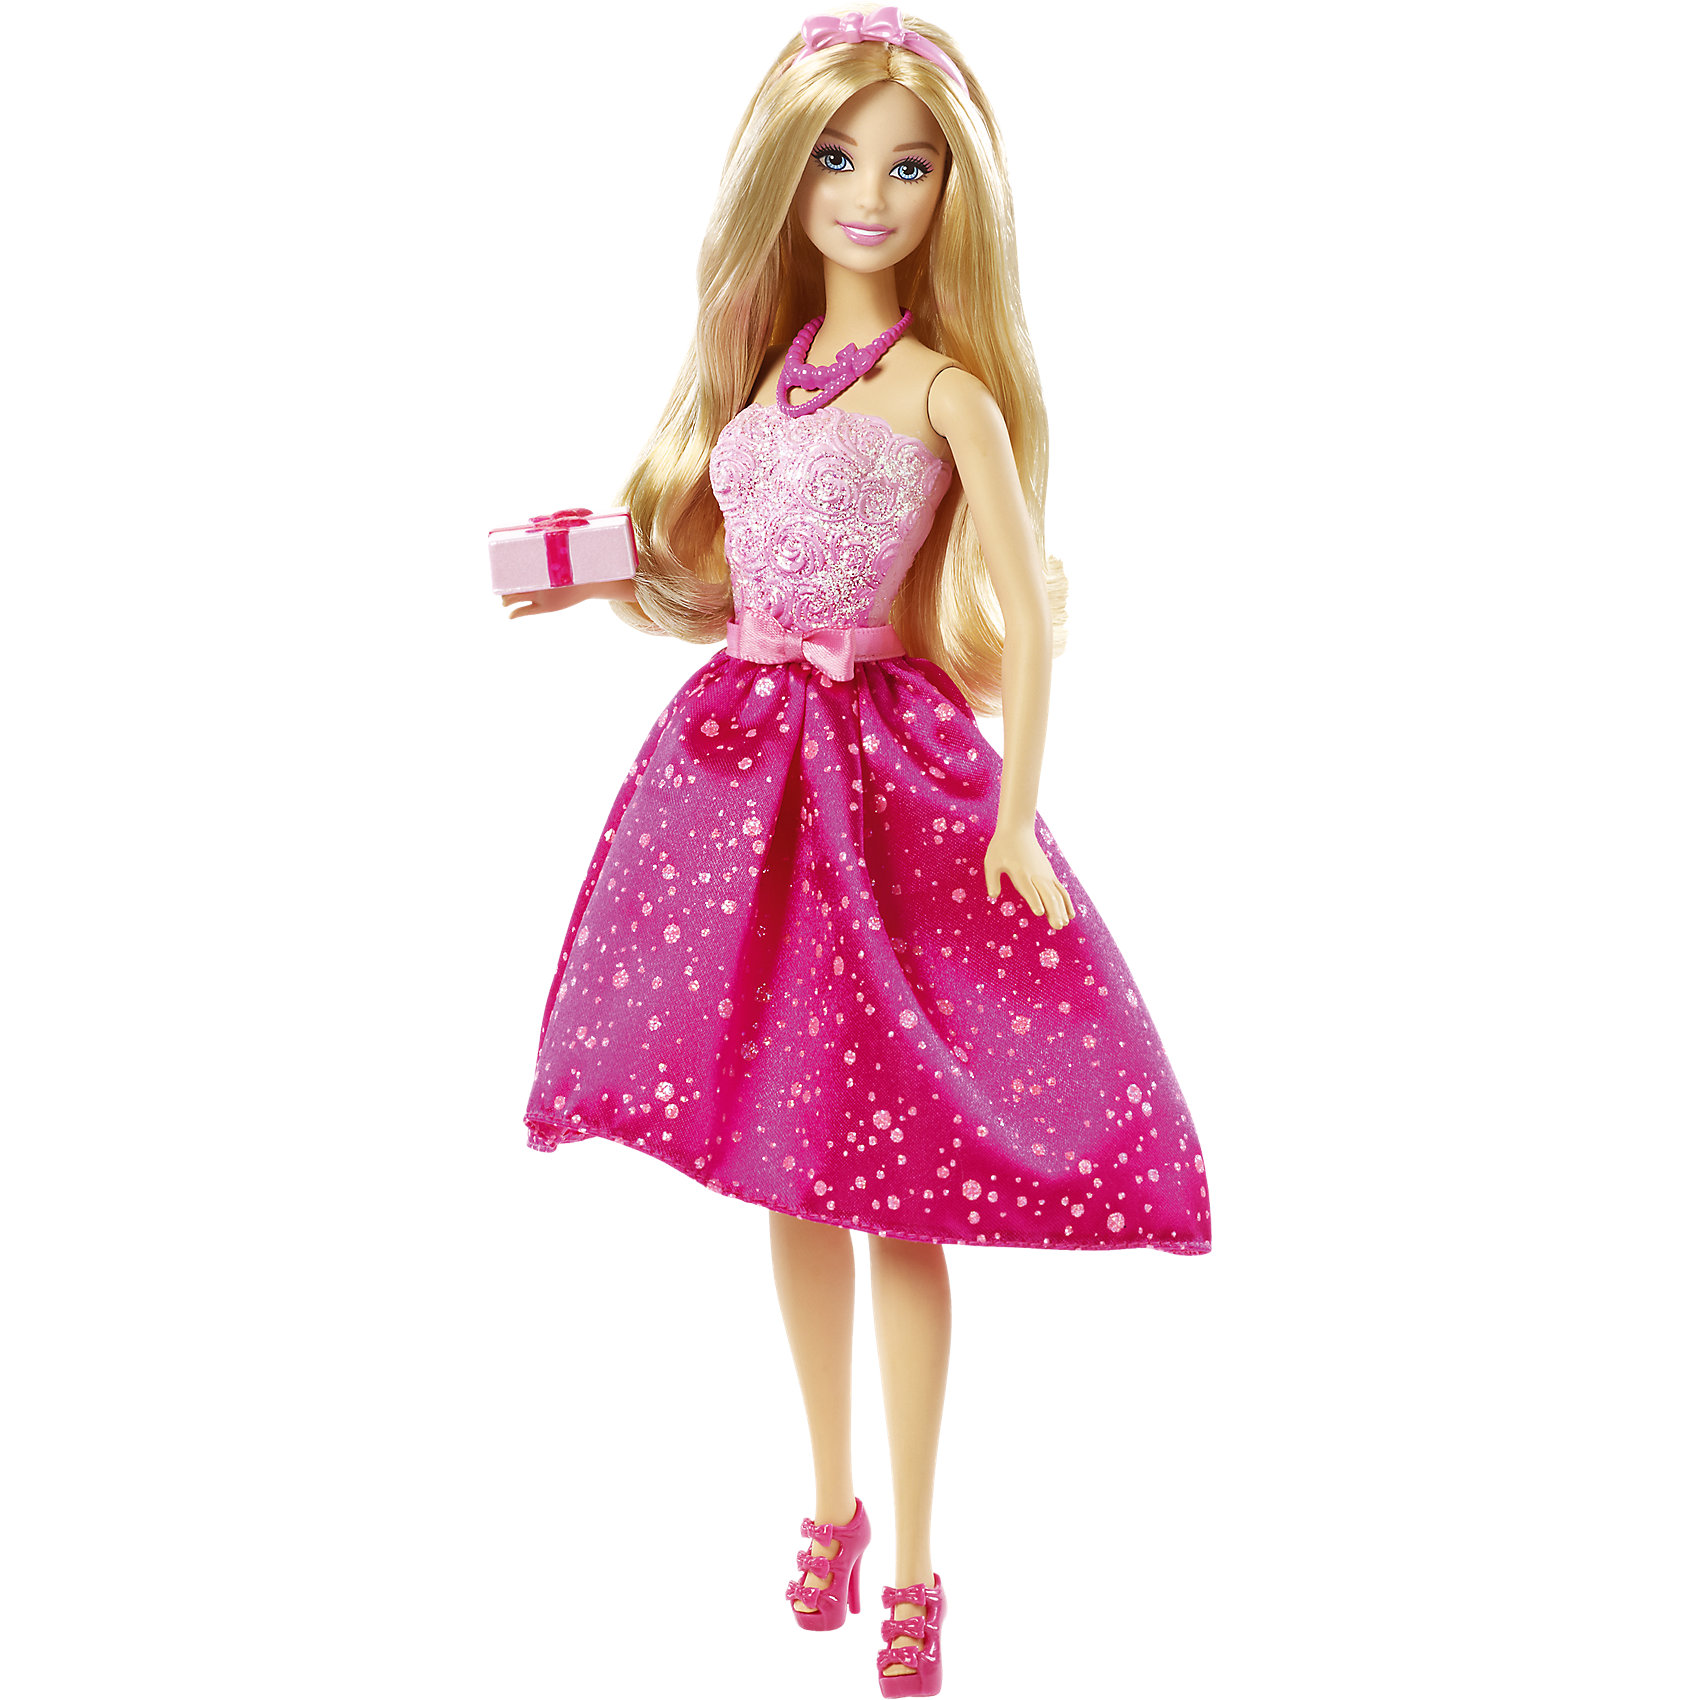 Кукла Barbie Happy BirthdayБренды кукол<br>Характеристики куклы Барби:<br><br>• высота куклы – 29 см;<br>• шарнирные руки куклы, поднимаются вверх и в стороны, в локтях не сгибаются;<br>• ножки красавицы поднимаются и опускаются, Барби может занимать сидячую позу;<br>• голова куклы поворачивается;<br>• нейлоновые волосы куколки легко расчесываются, не путаются;<br>• наряд куклы Барби выполнен из полиэстера.<br><br>Любимица девочек, кукла Barbie собирается на день рождения! Яркий наряд красавицы, струящиеся золотистые волосы распущены, в руках подарок в подарочной упаковке. Обута Барби в босоножки. На головке ободок с бантиком, на шее – бусы. Аксессуары и одежда снимаются. <br><br>Комплектация игрового набора Mattel:<br><br>• кукла Барби;<br>• платье, босоножки;<br>• ободок, бусы;<br>• подарок.<br><br>Куклу Barbie Happy Birthday можно купить в нашем интернет-магазине.<br><br>Ширина мм: 330<br>Глубина мм: 165<br>Высота мм: 66<br>Вес г: 247<br>Возраст от месяцев: 36<br>Возраст до месяцев: 72<br>Пол: Женский<br>Возраст: Детский<br>SKU: 4349925